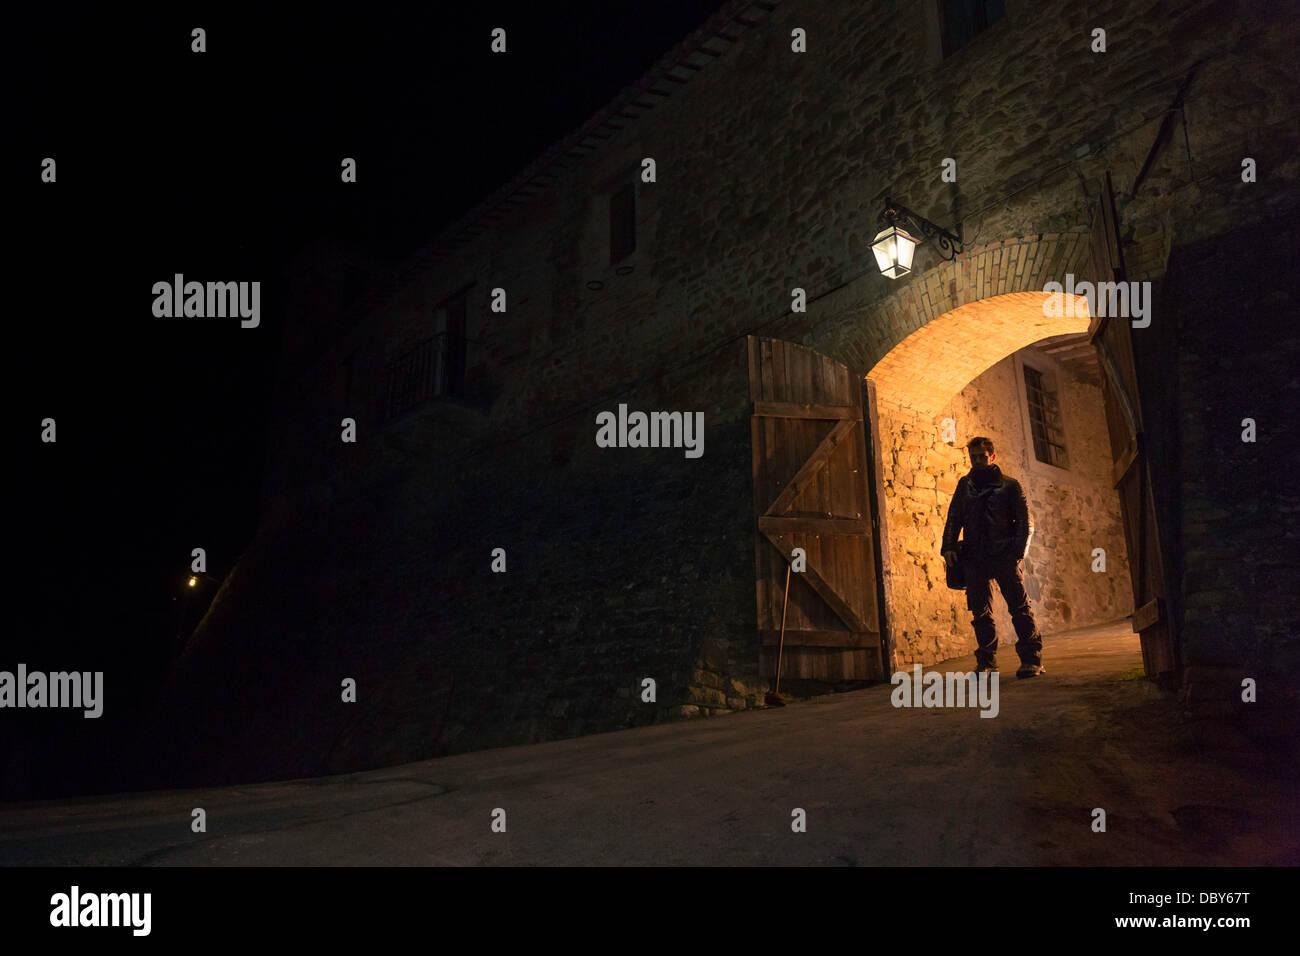 Hombre de pie frente a la puerta de la ciudad medieval Imagen De Stock